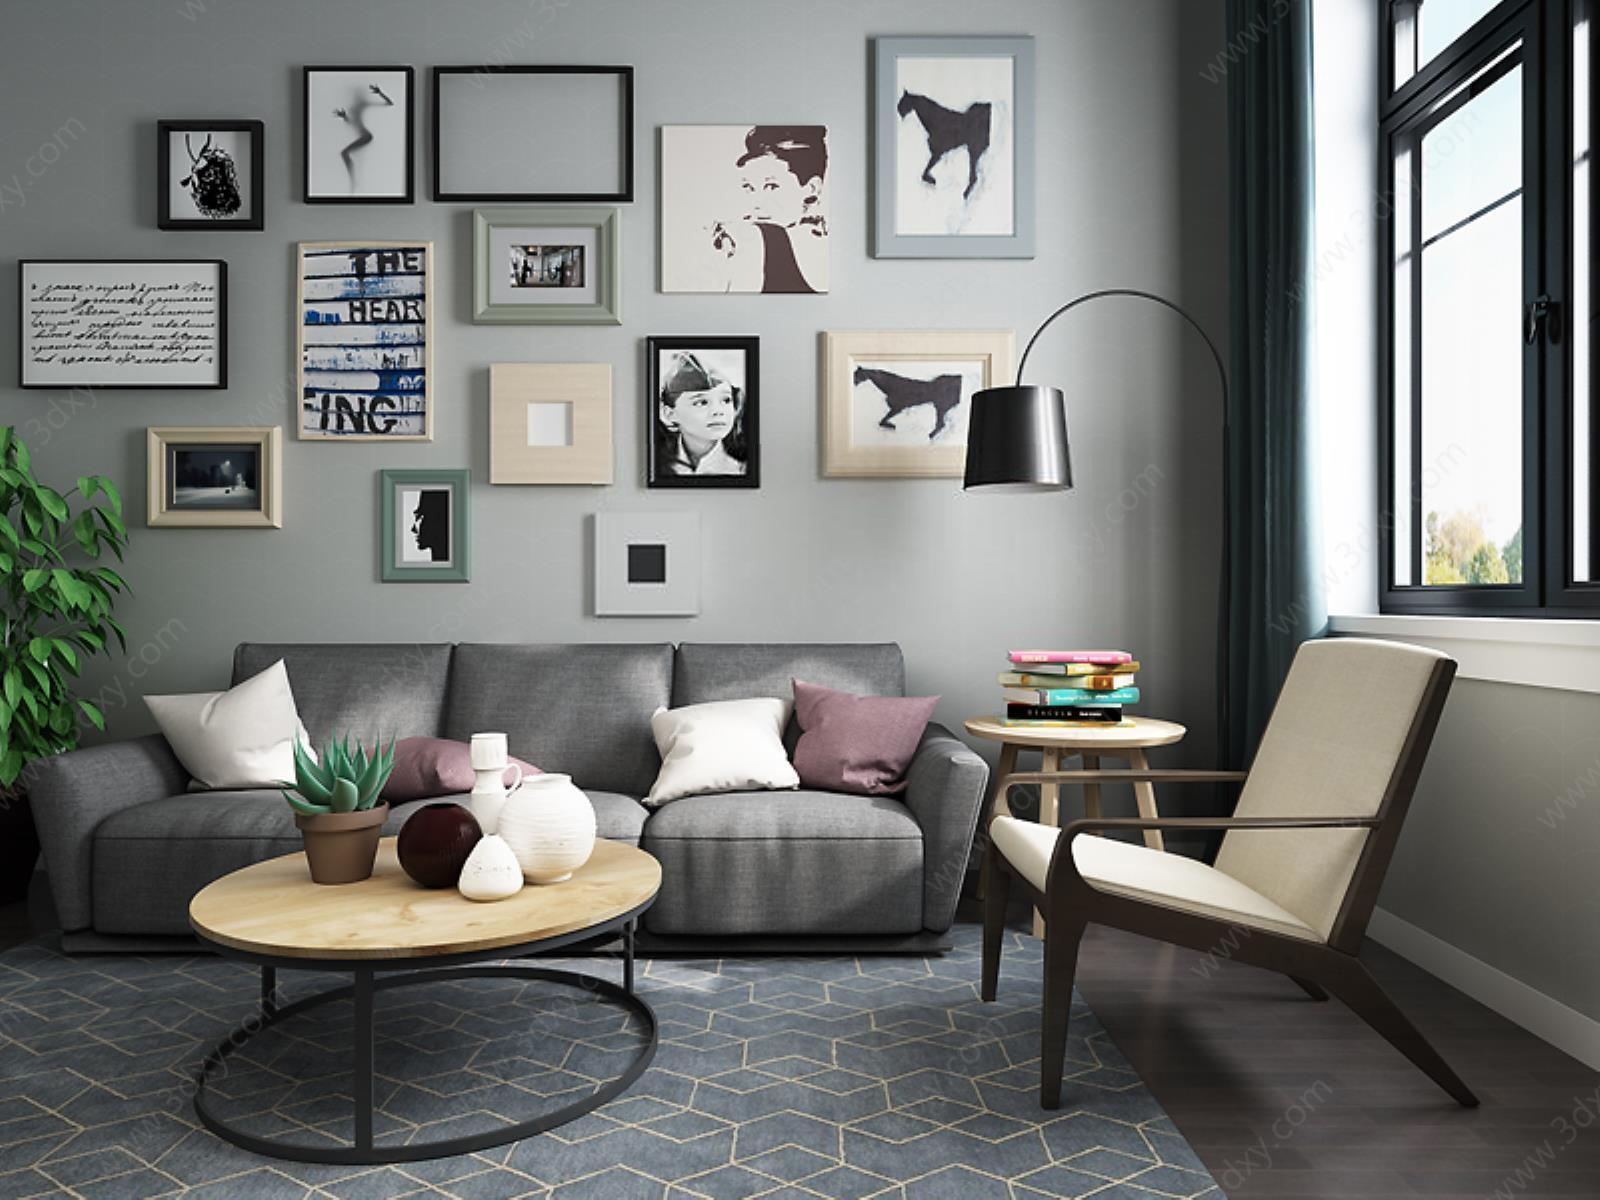 客厅沙发茶几背景墙组合模型